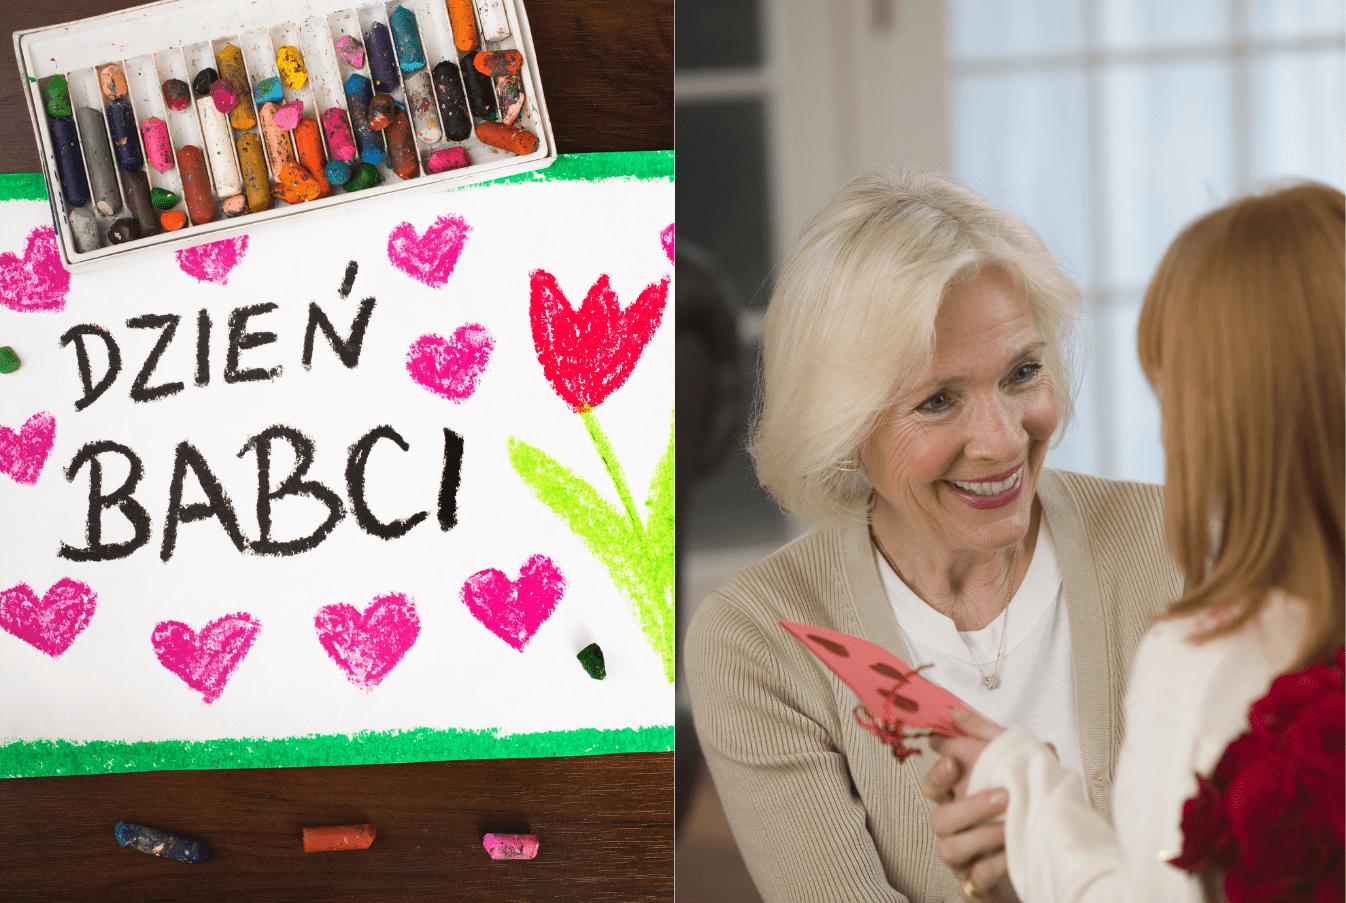 Zakładki dla babci, upominek DIY, zakładki do ksiązek do druku na Dzień Babci